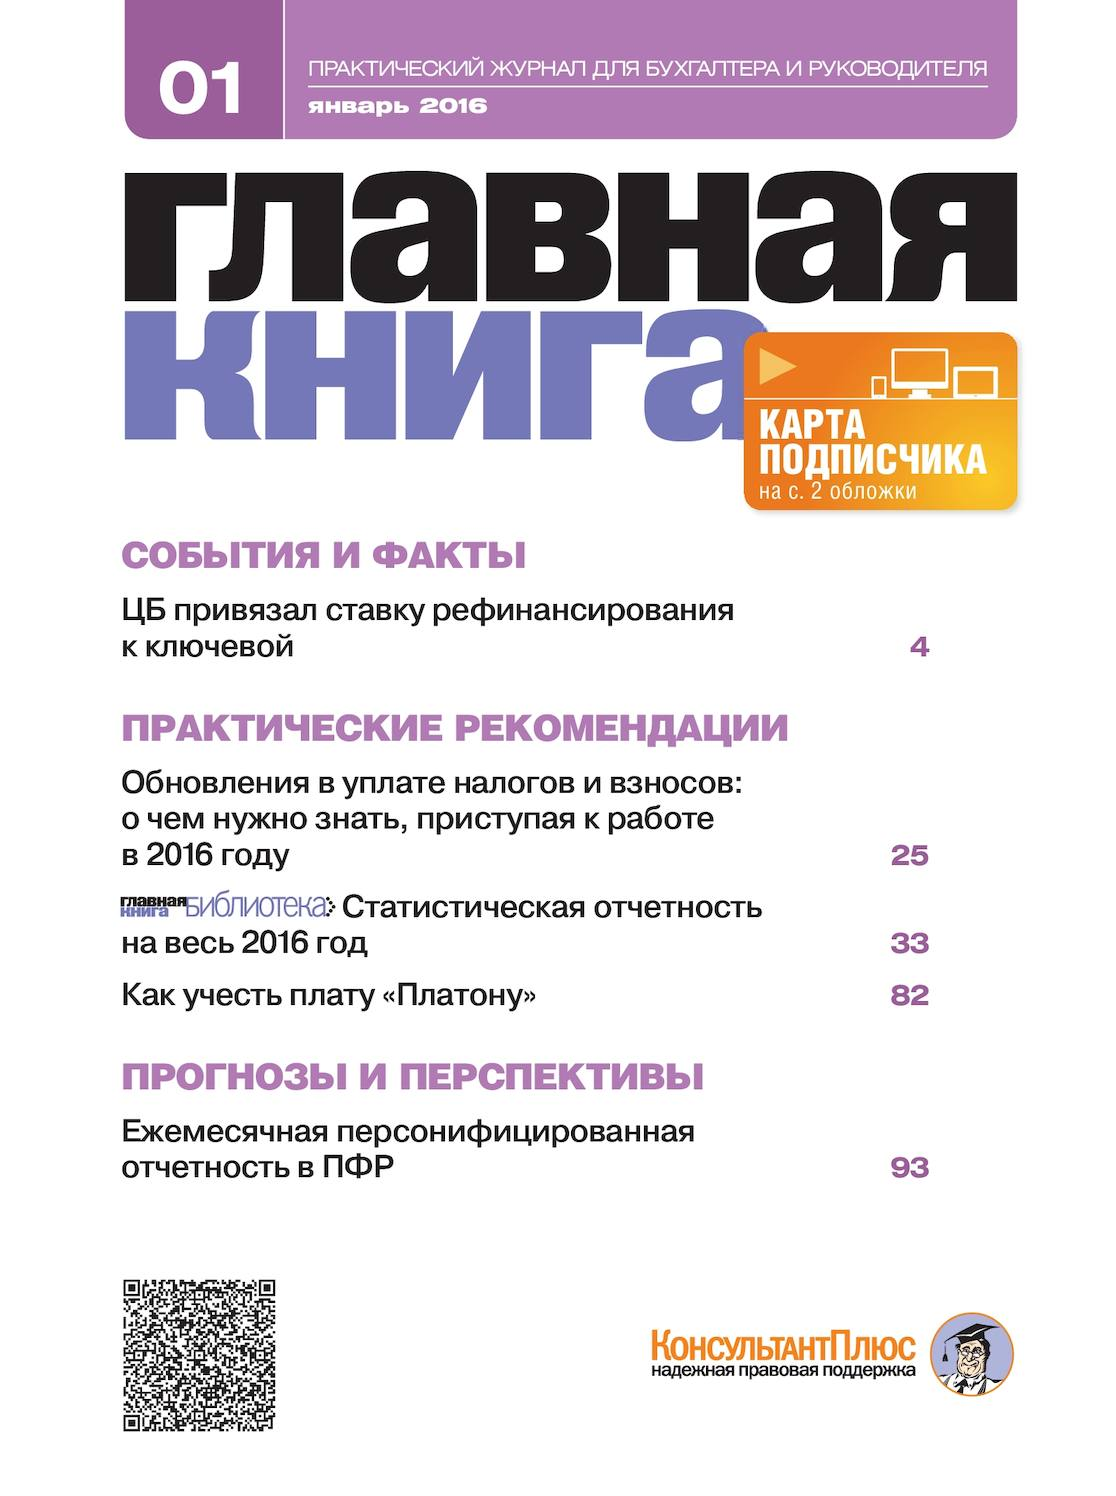 бланк форма 2 наука краткая от 29.08.2013 349